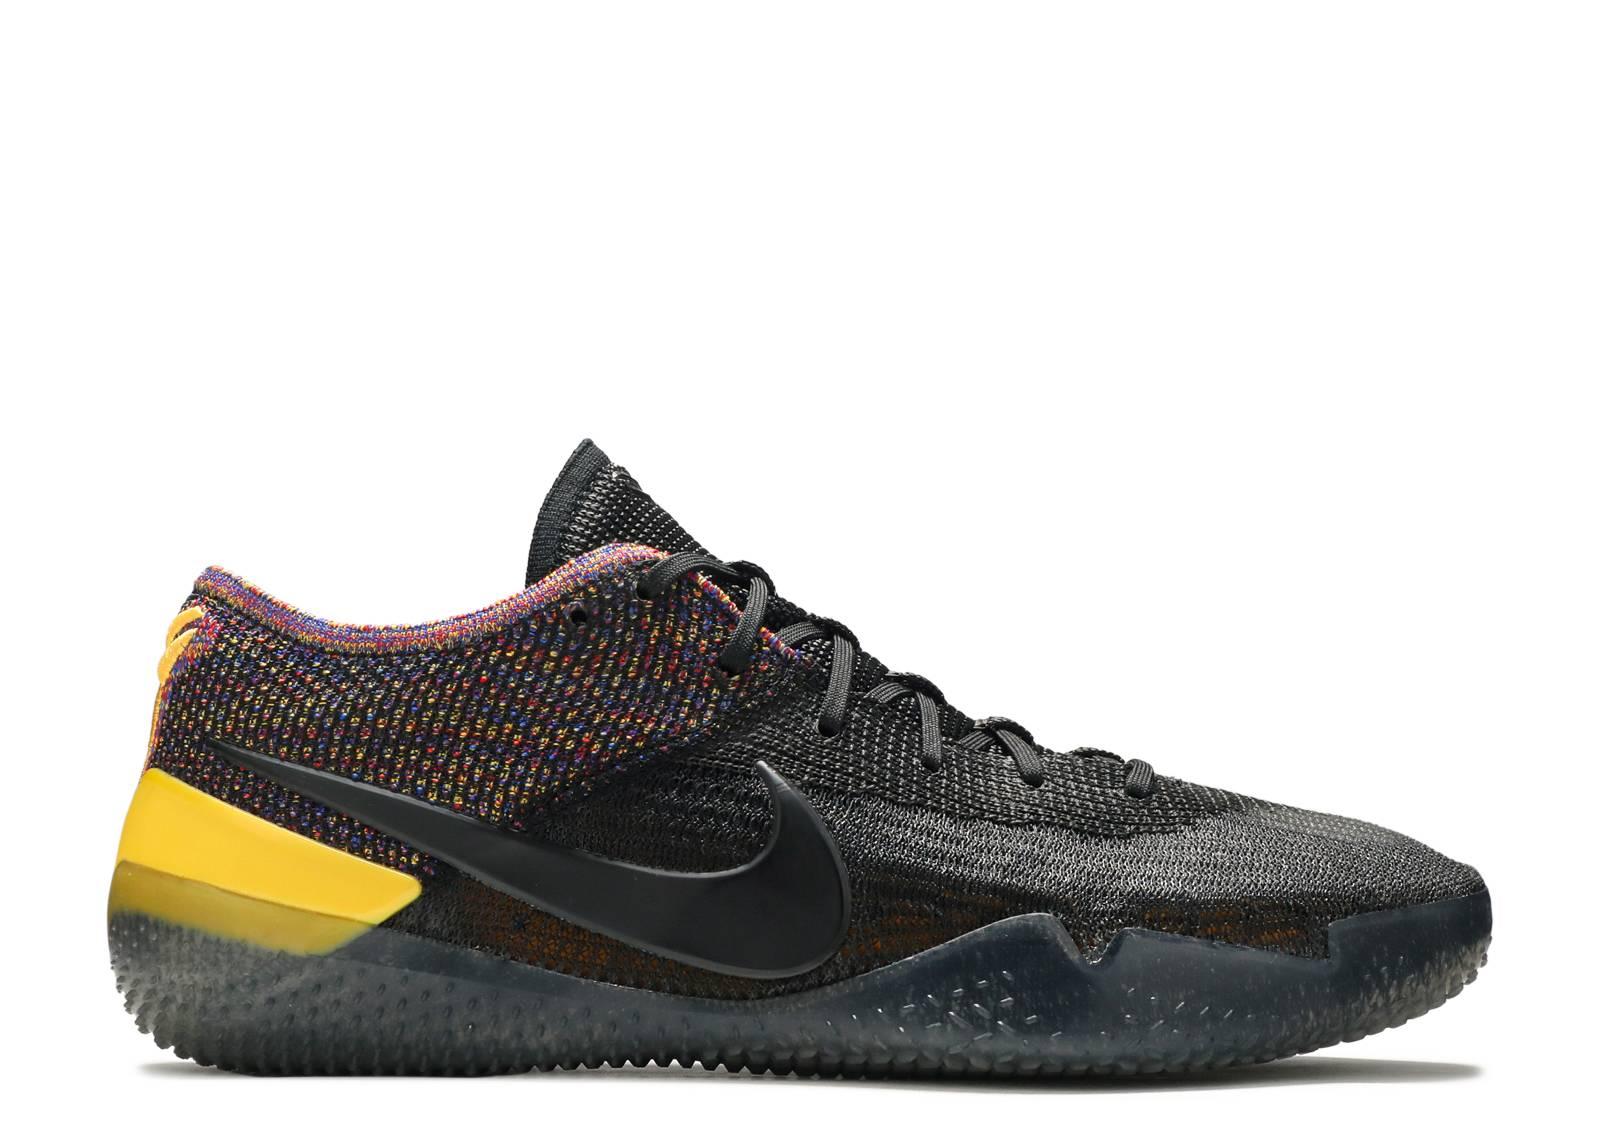 66737671789 Kobe Ad Nxt 360 - Nike - aq1087 002 - black black-multi-color ...